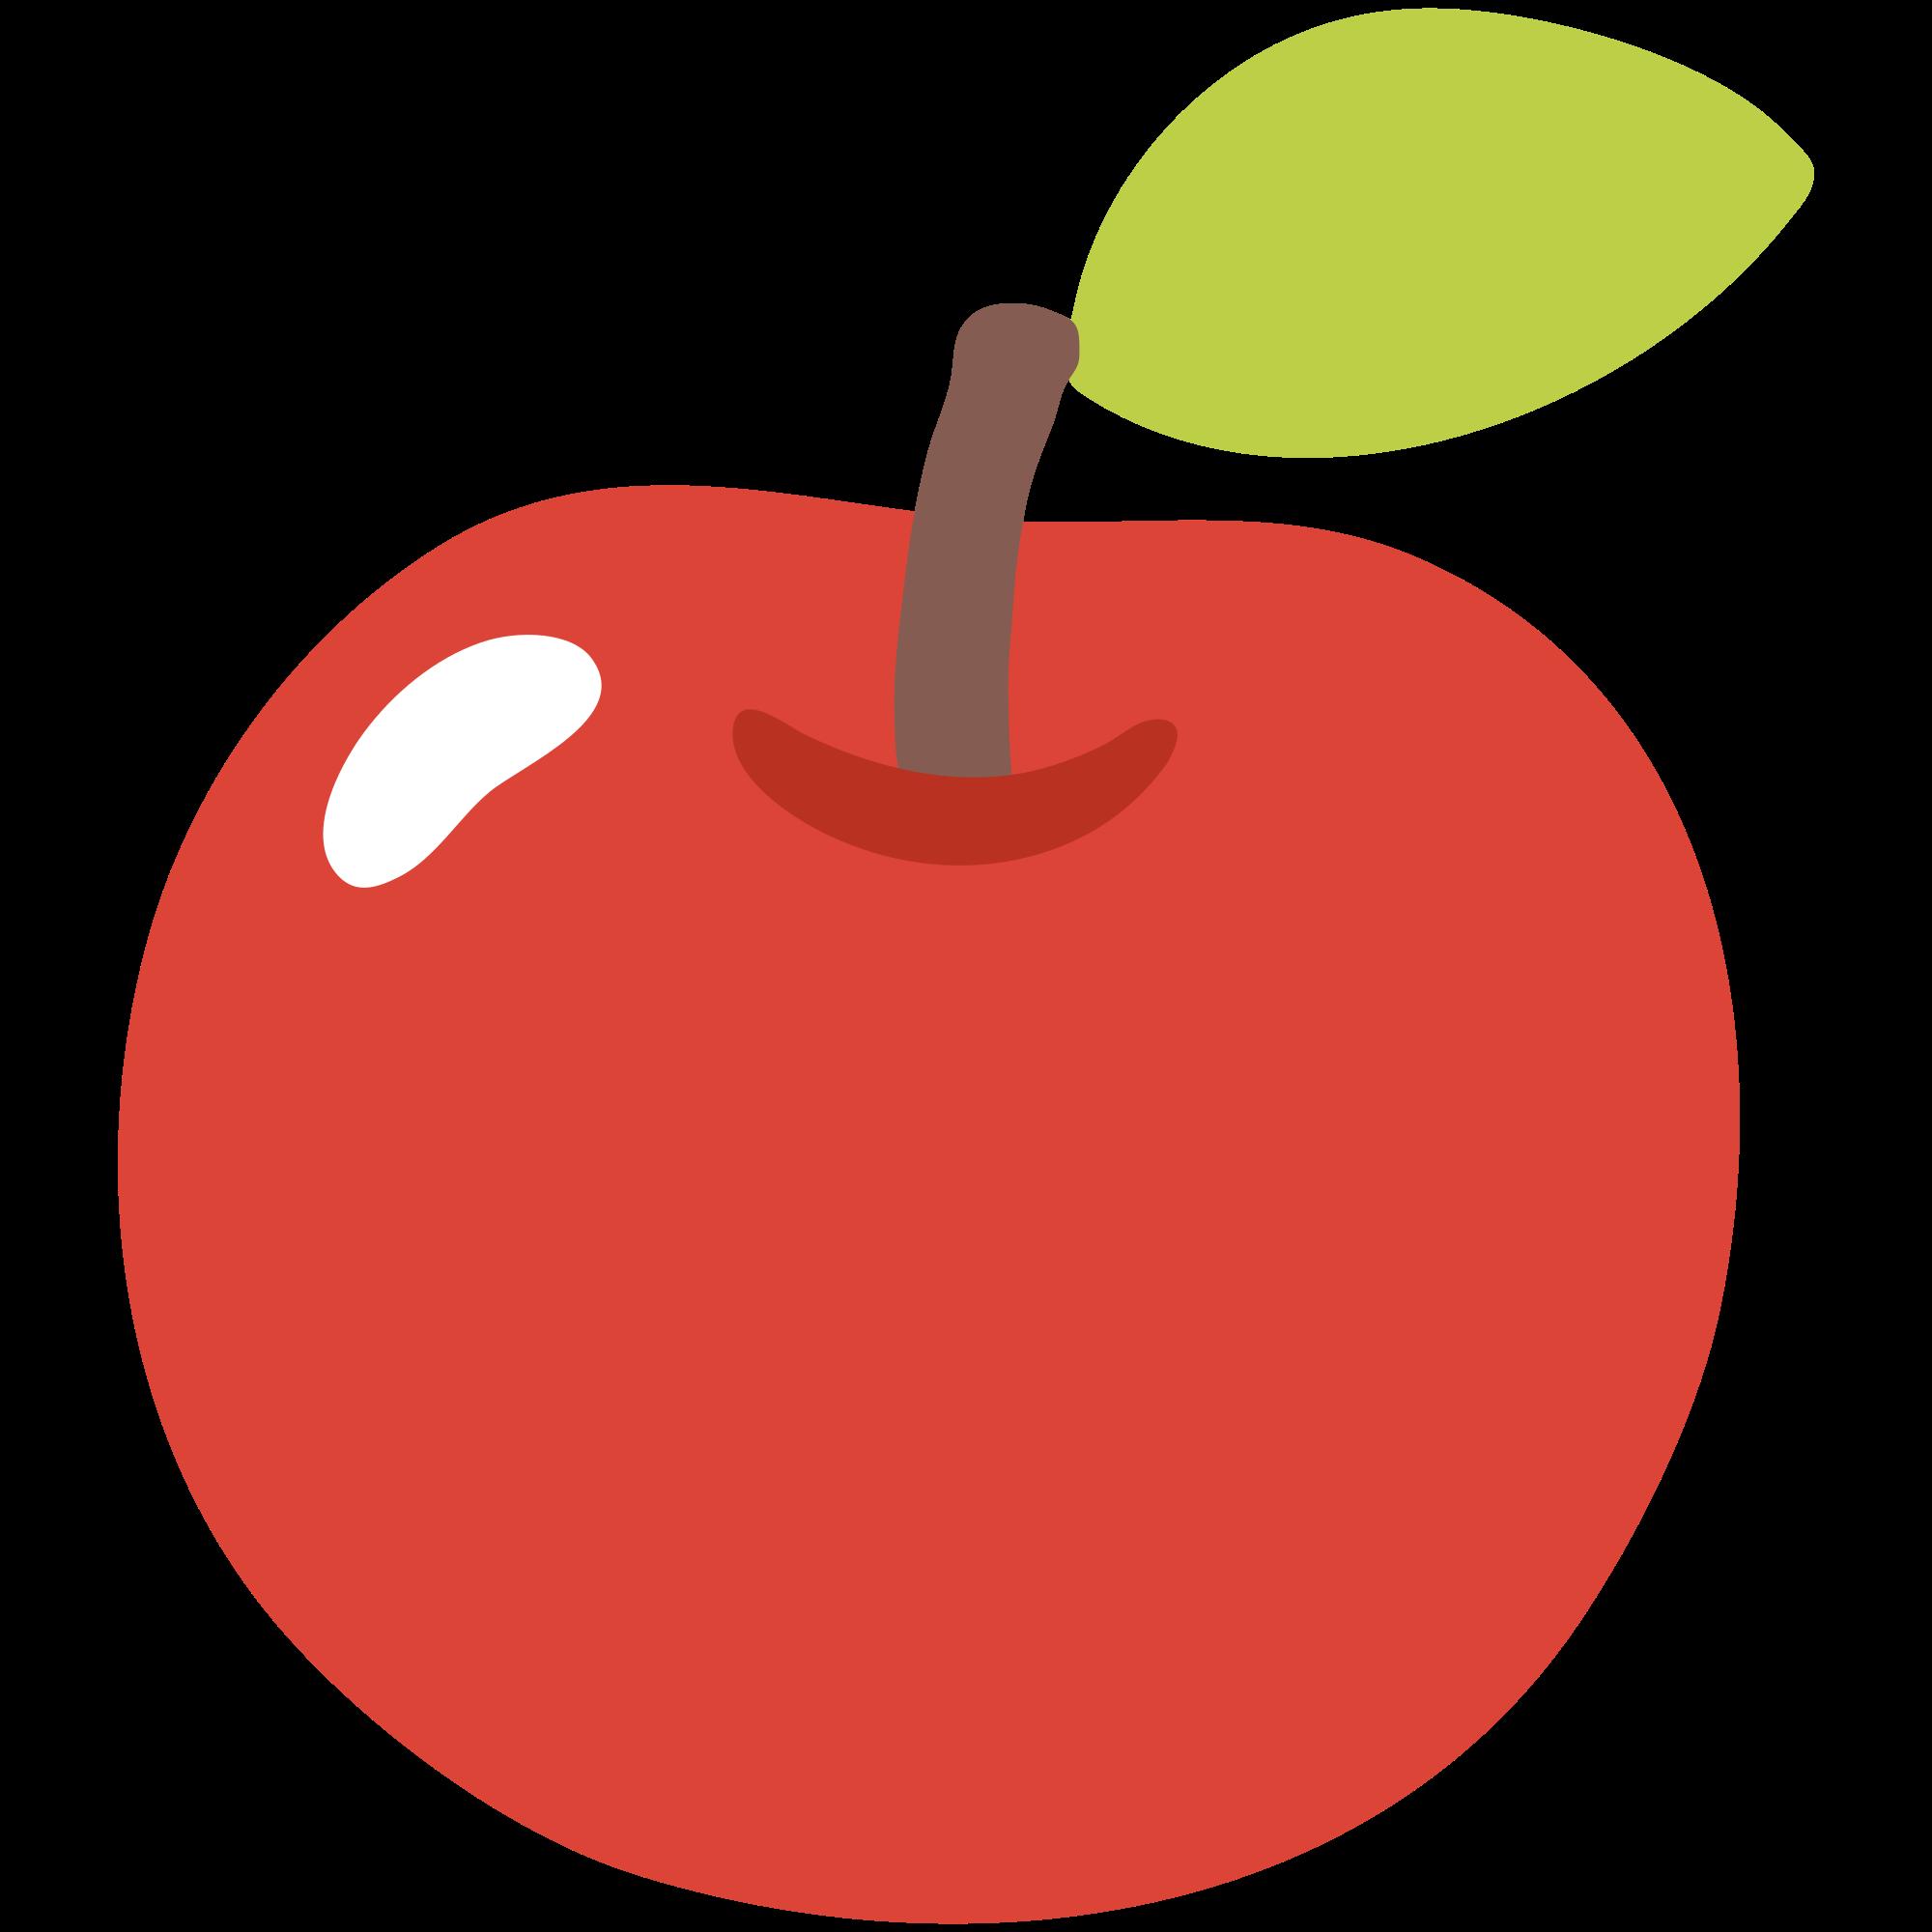 Emoji clipart fruit. File u f e